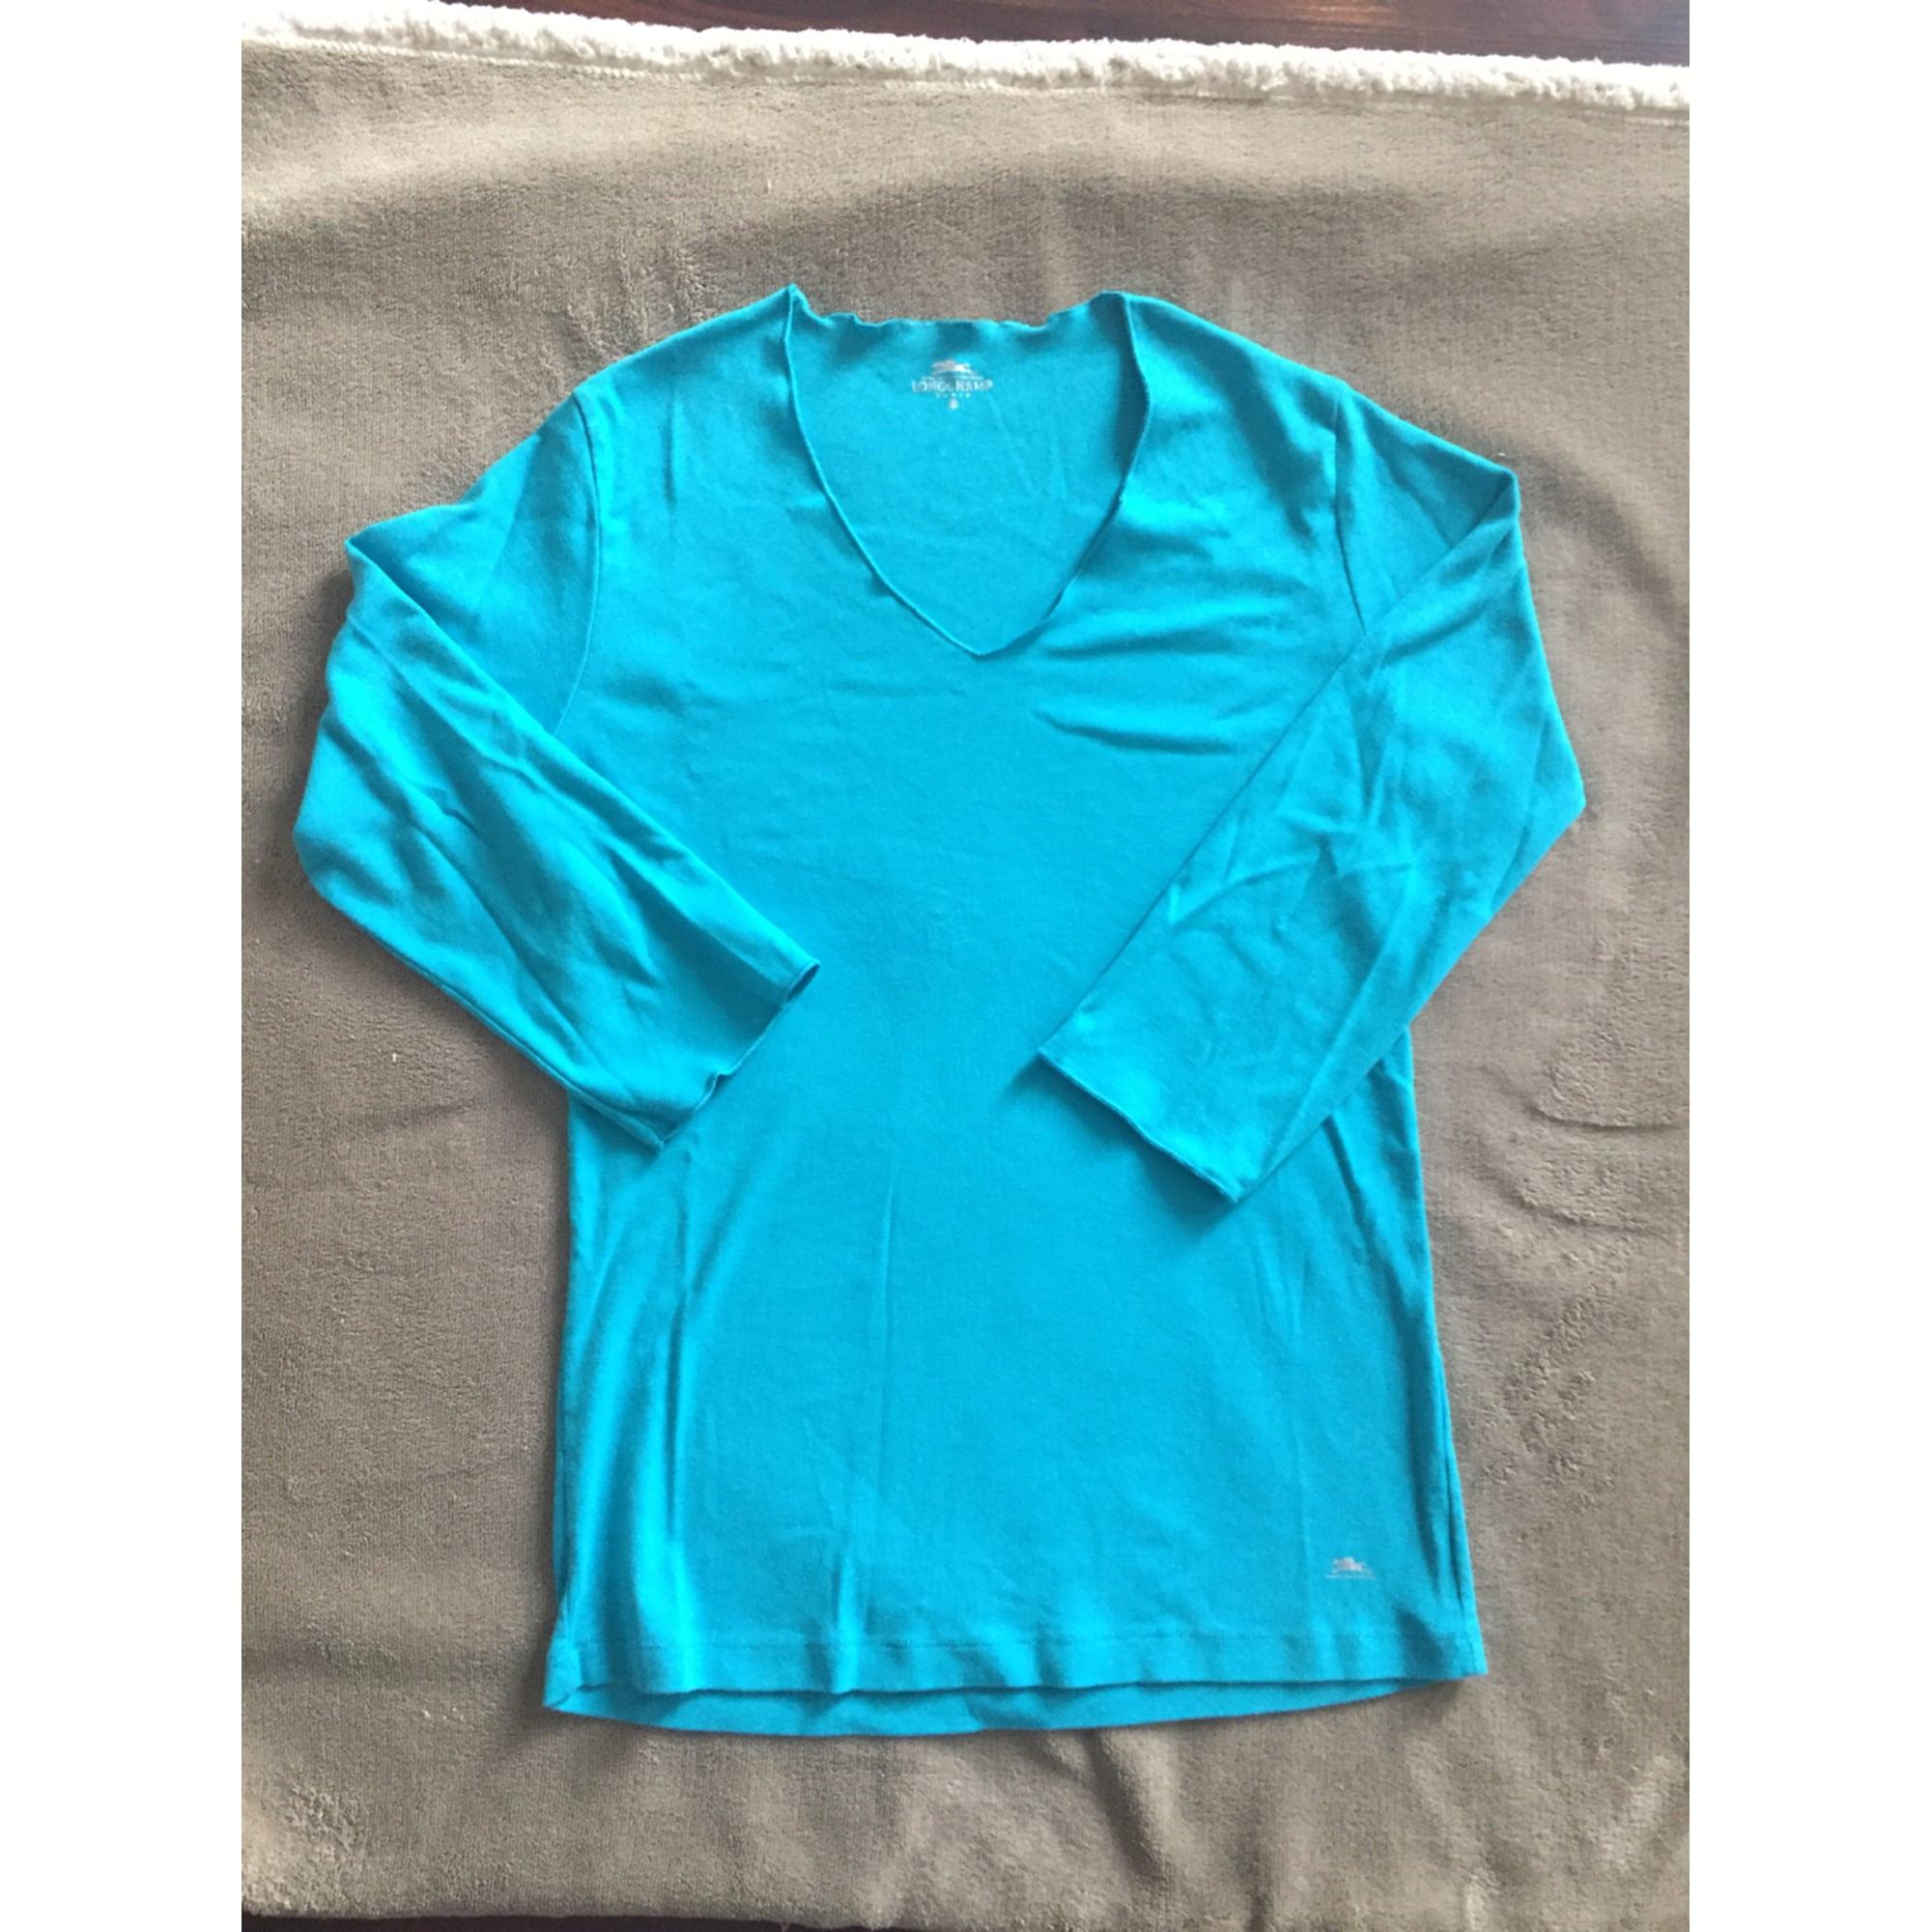 Top, tee-shirt LONGCHAMP Bleu, bleu marine, bleu turquoise